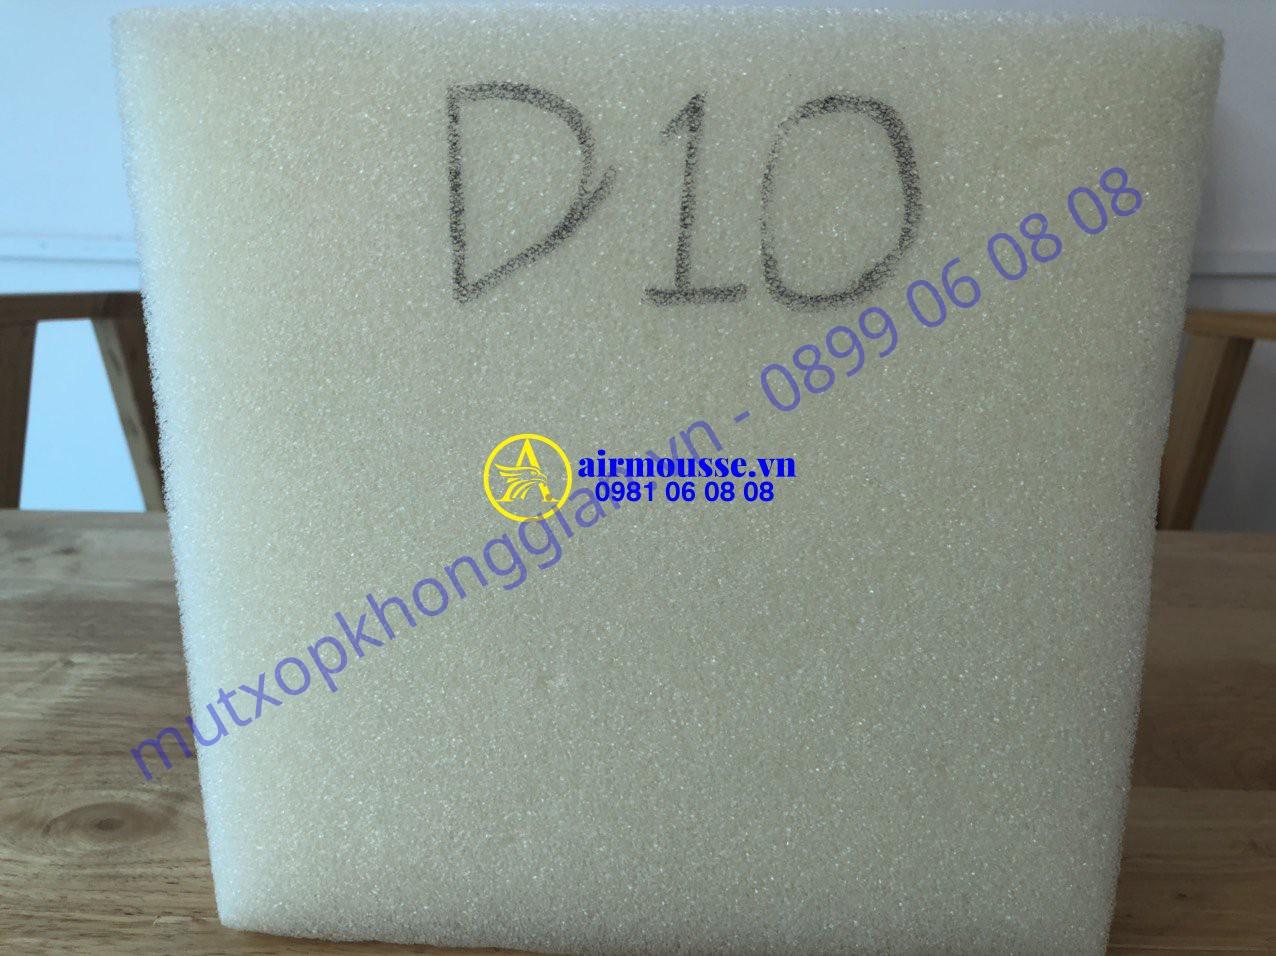 mut-xop-d10 (2).jpg